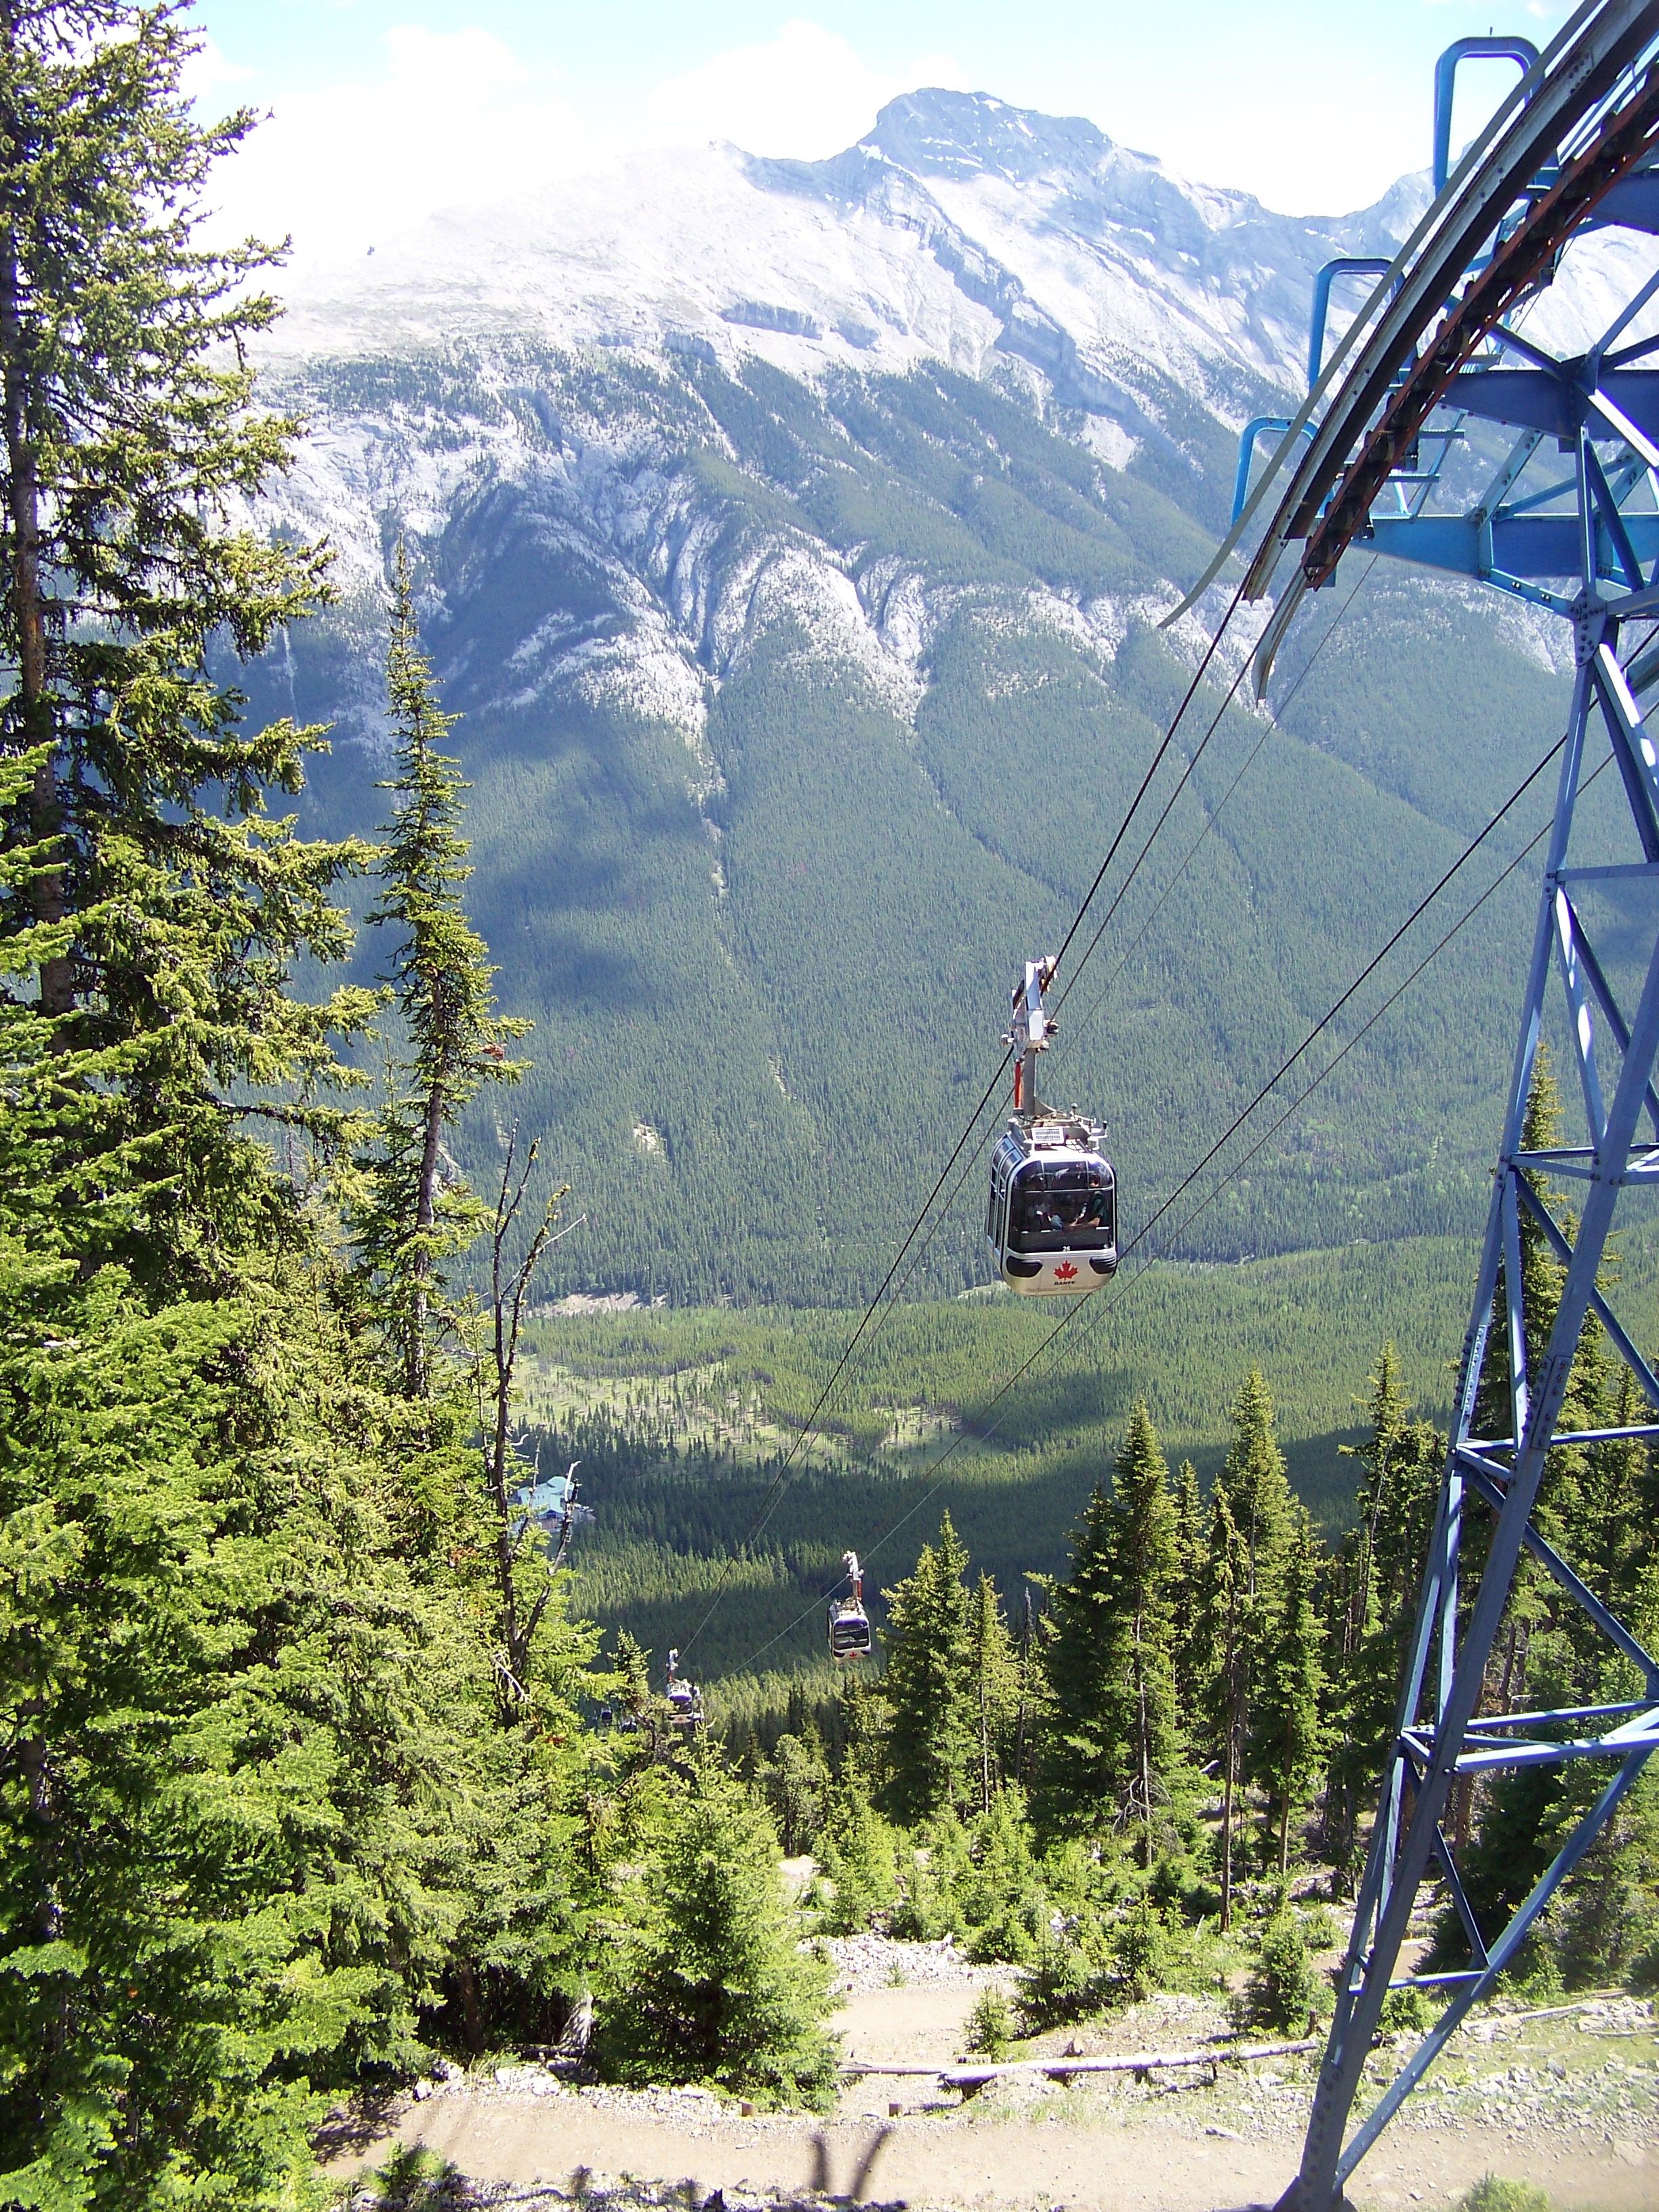 summit of the Sulphur mountain